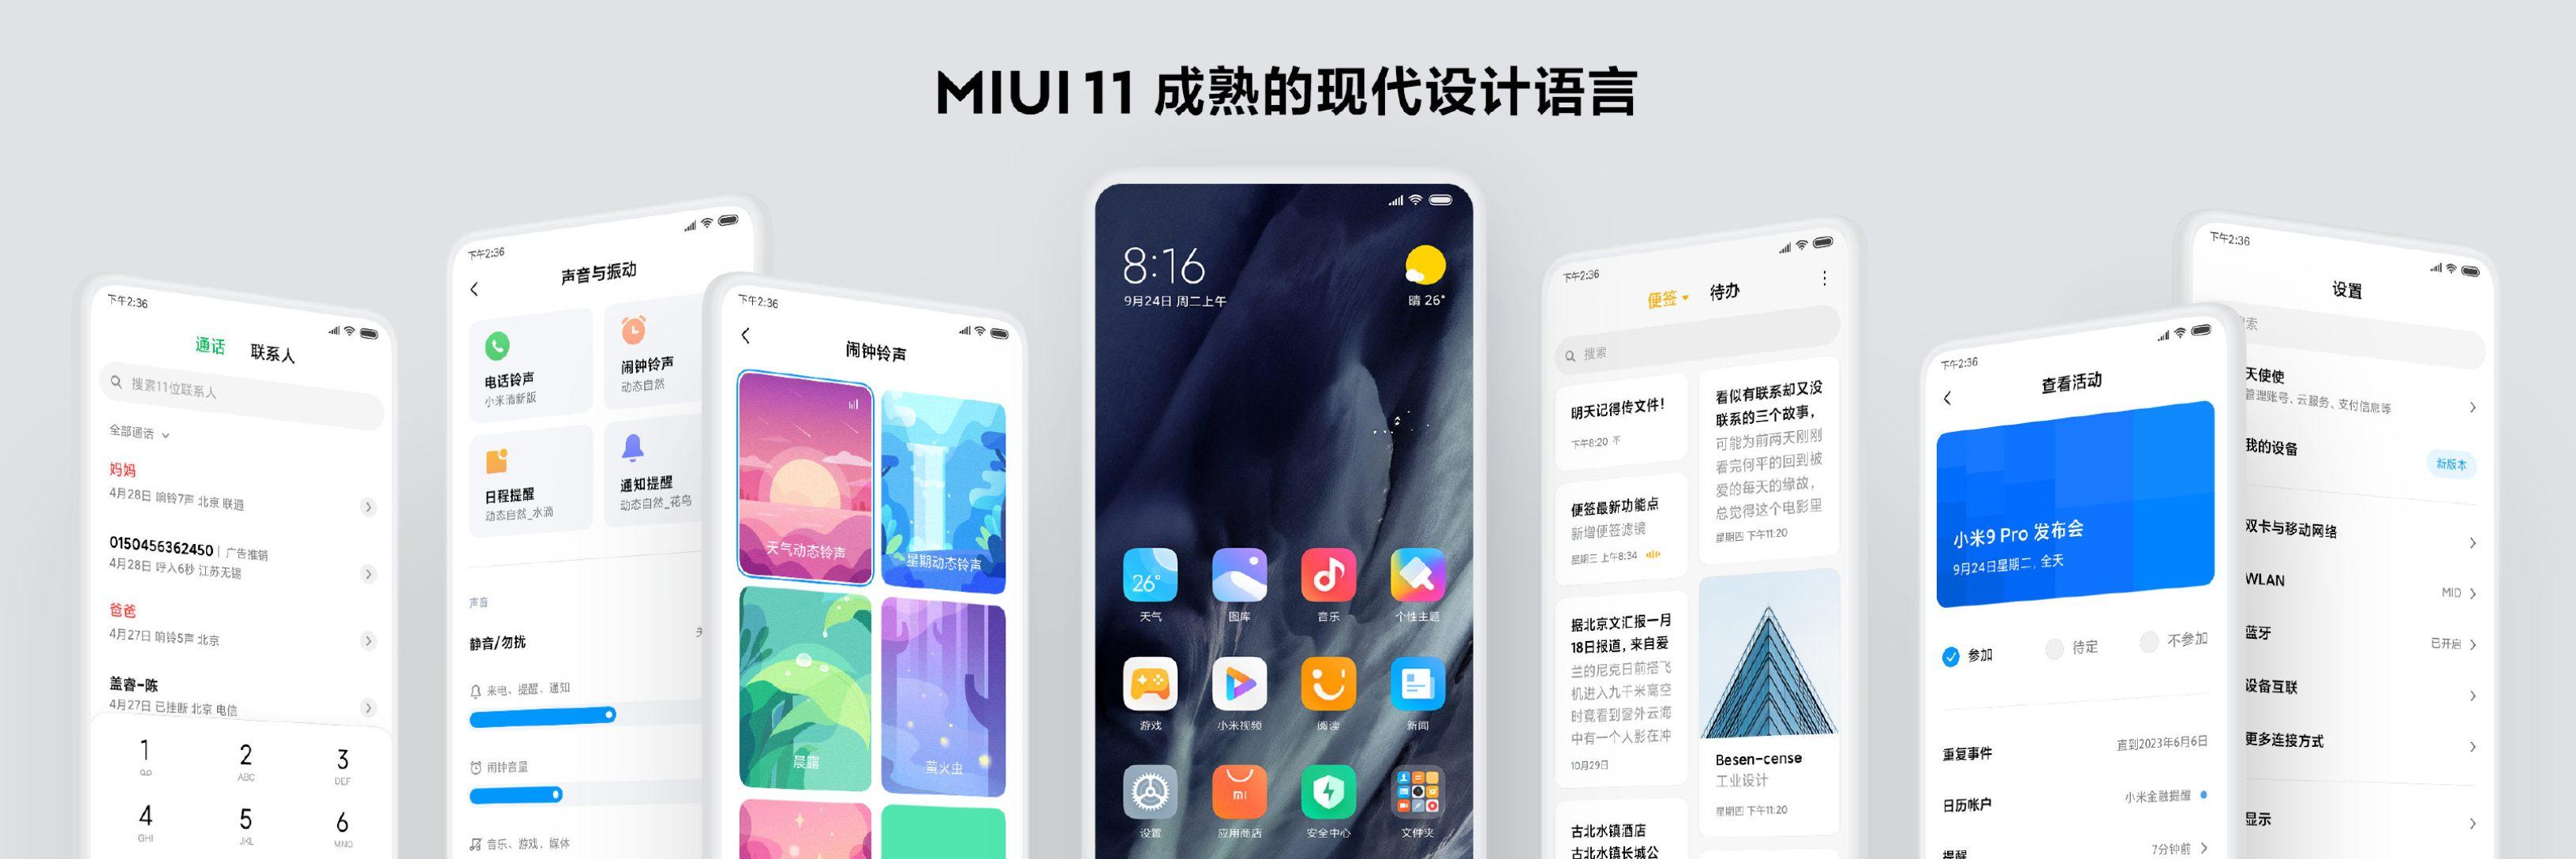 MIUI 11 Update List